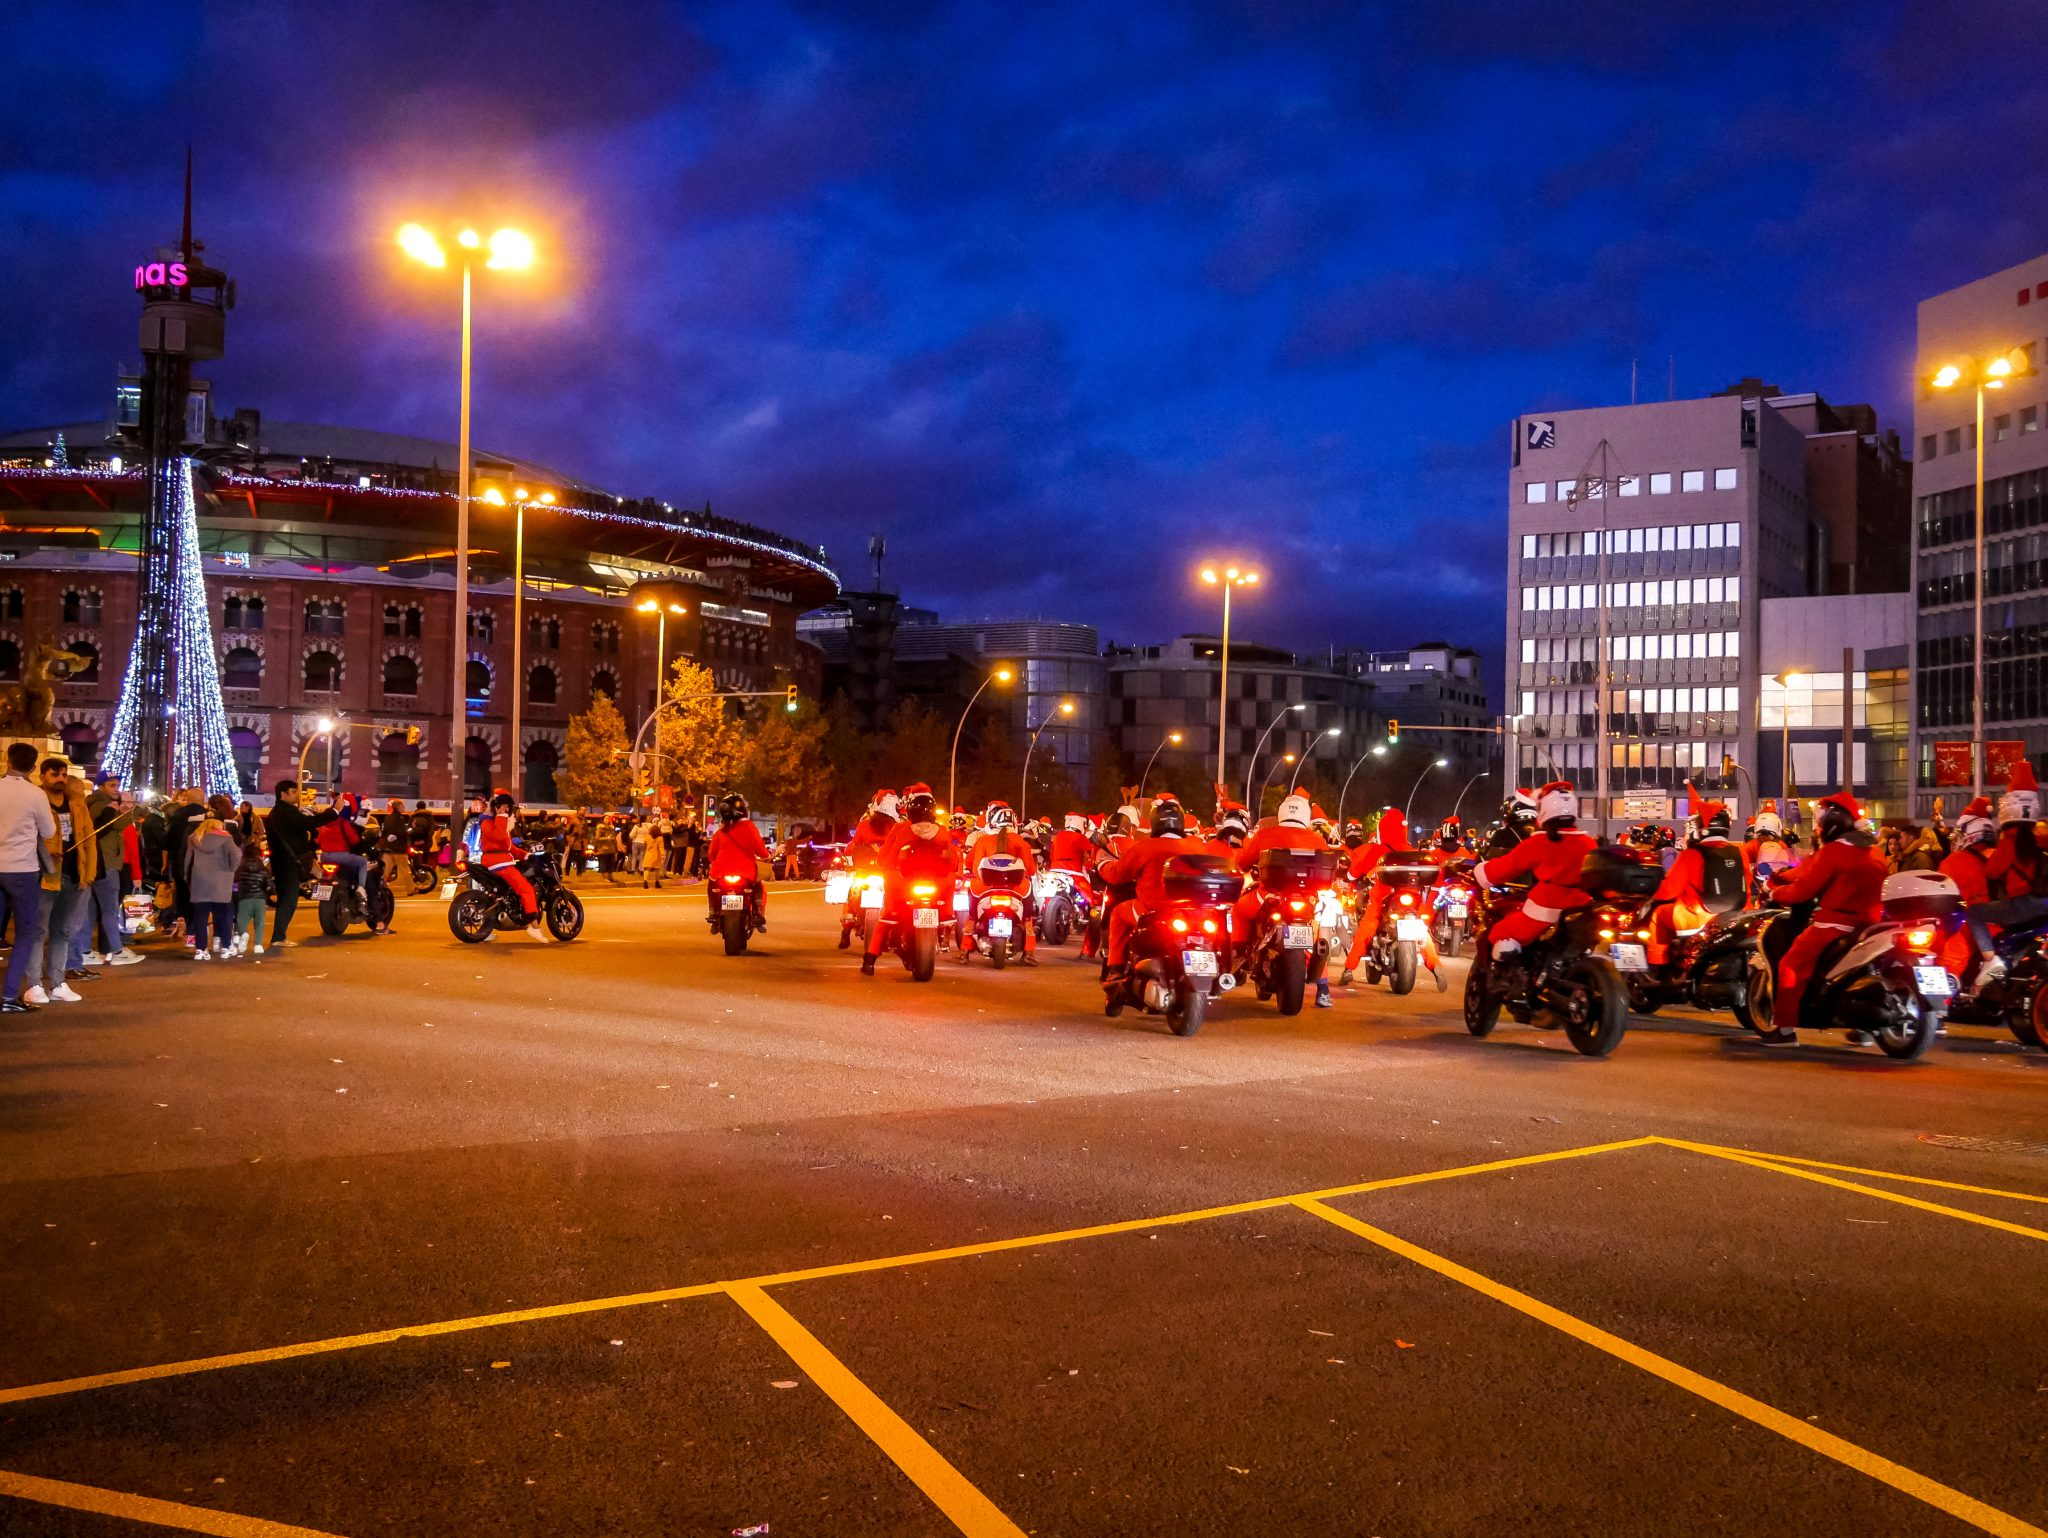 Kurz vor Weihnachten gibt es eine Aktion vom Roten Kreuz (Cruz Roja), an dem 4.000 Weihnachtsmänner (Motorradfahrer, welche Weihnachtsgeschenke für Kinder in Not spenden) durch die Stadt fahren.